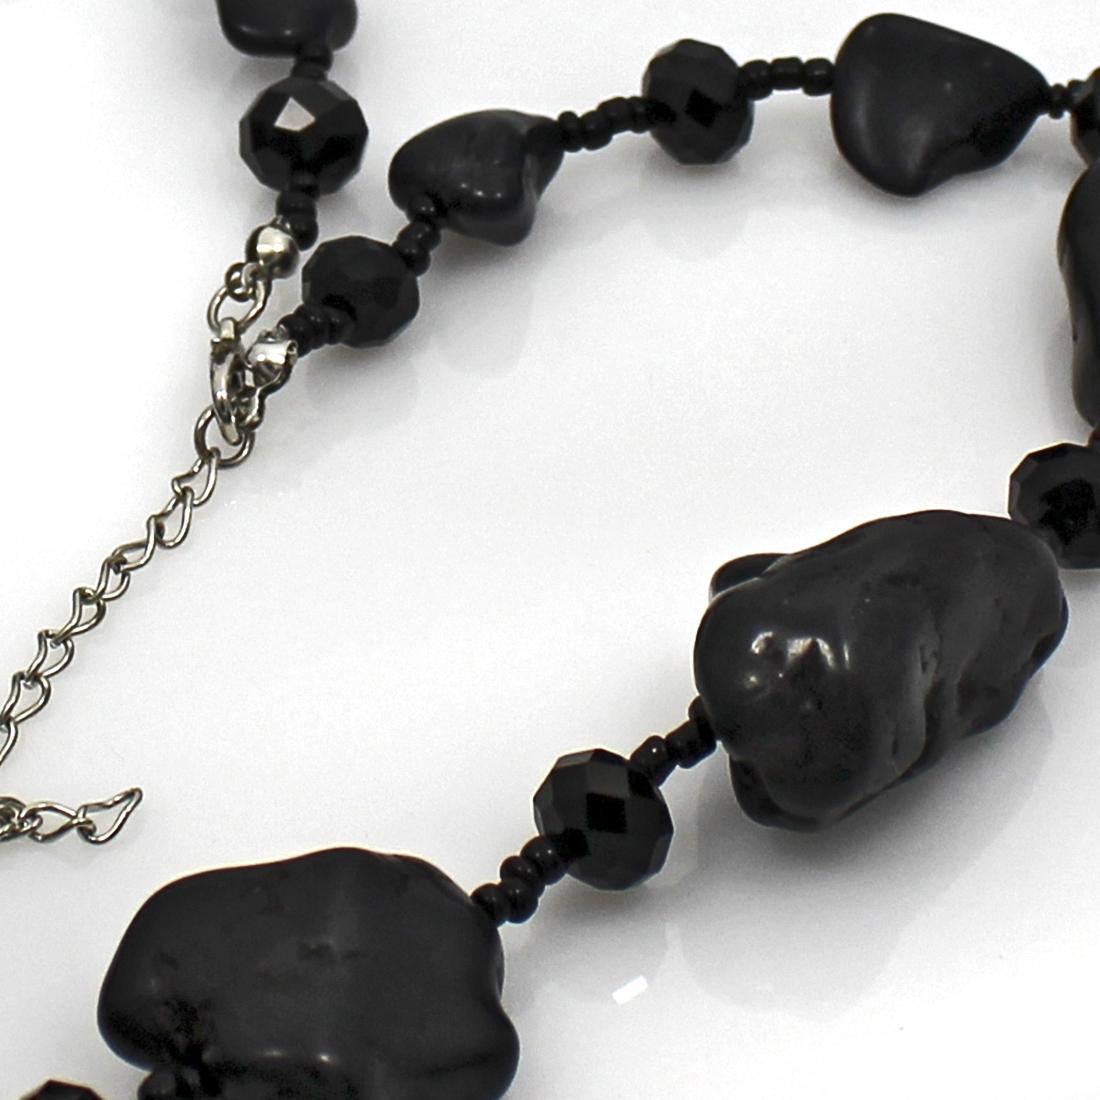 NKL01-BLACK - NKL01-BLACK WHOLESALE GENUINE CRYSTAL AND GLASS NECKLACE SET